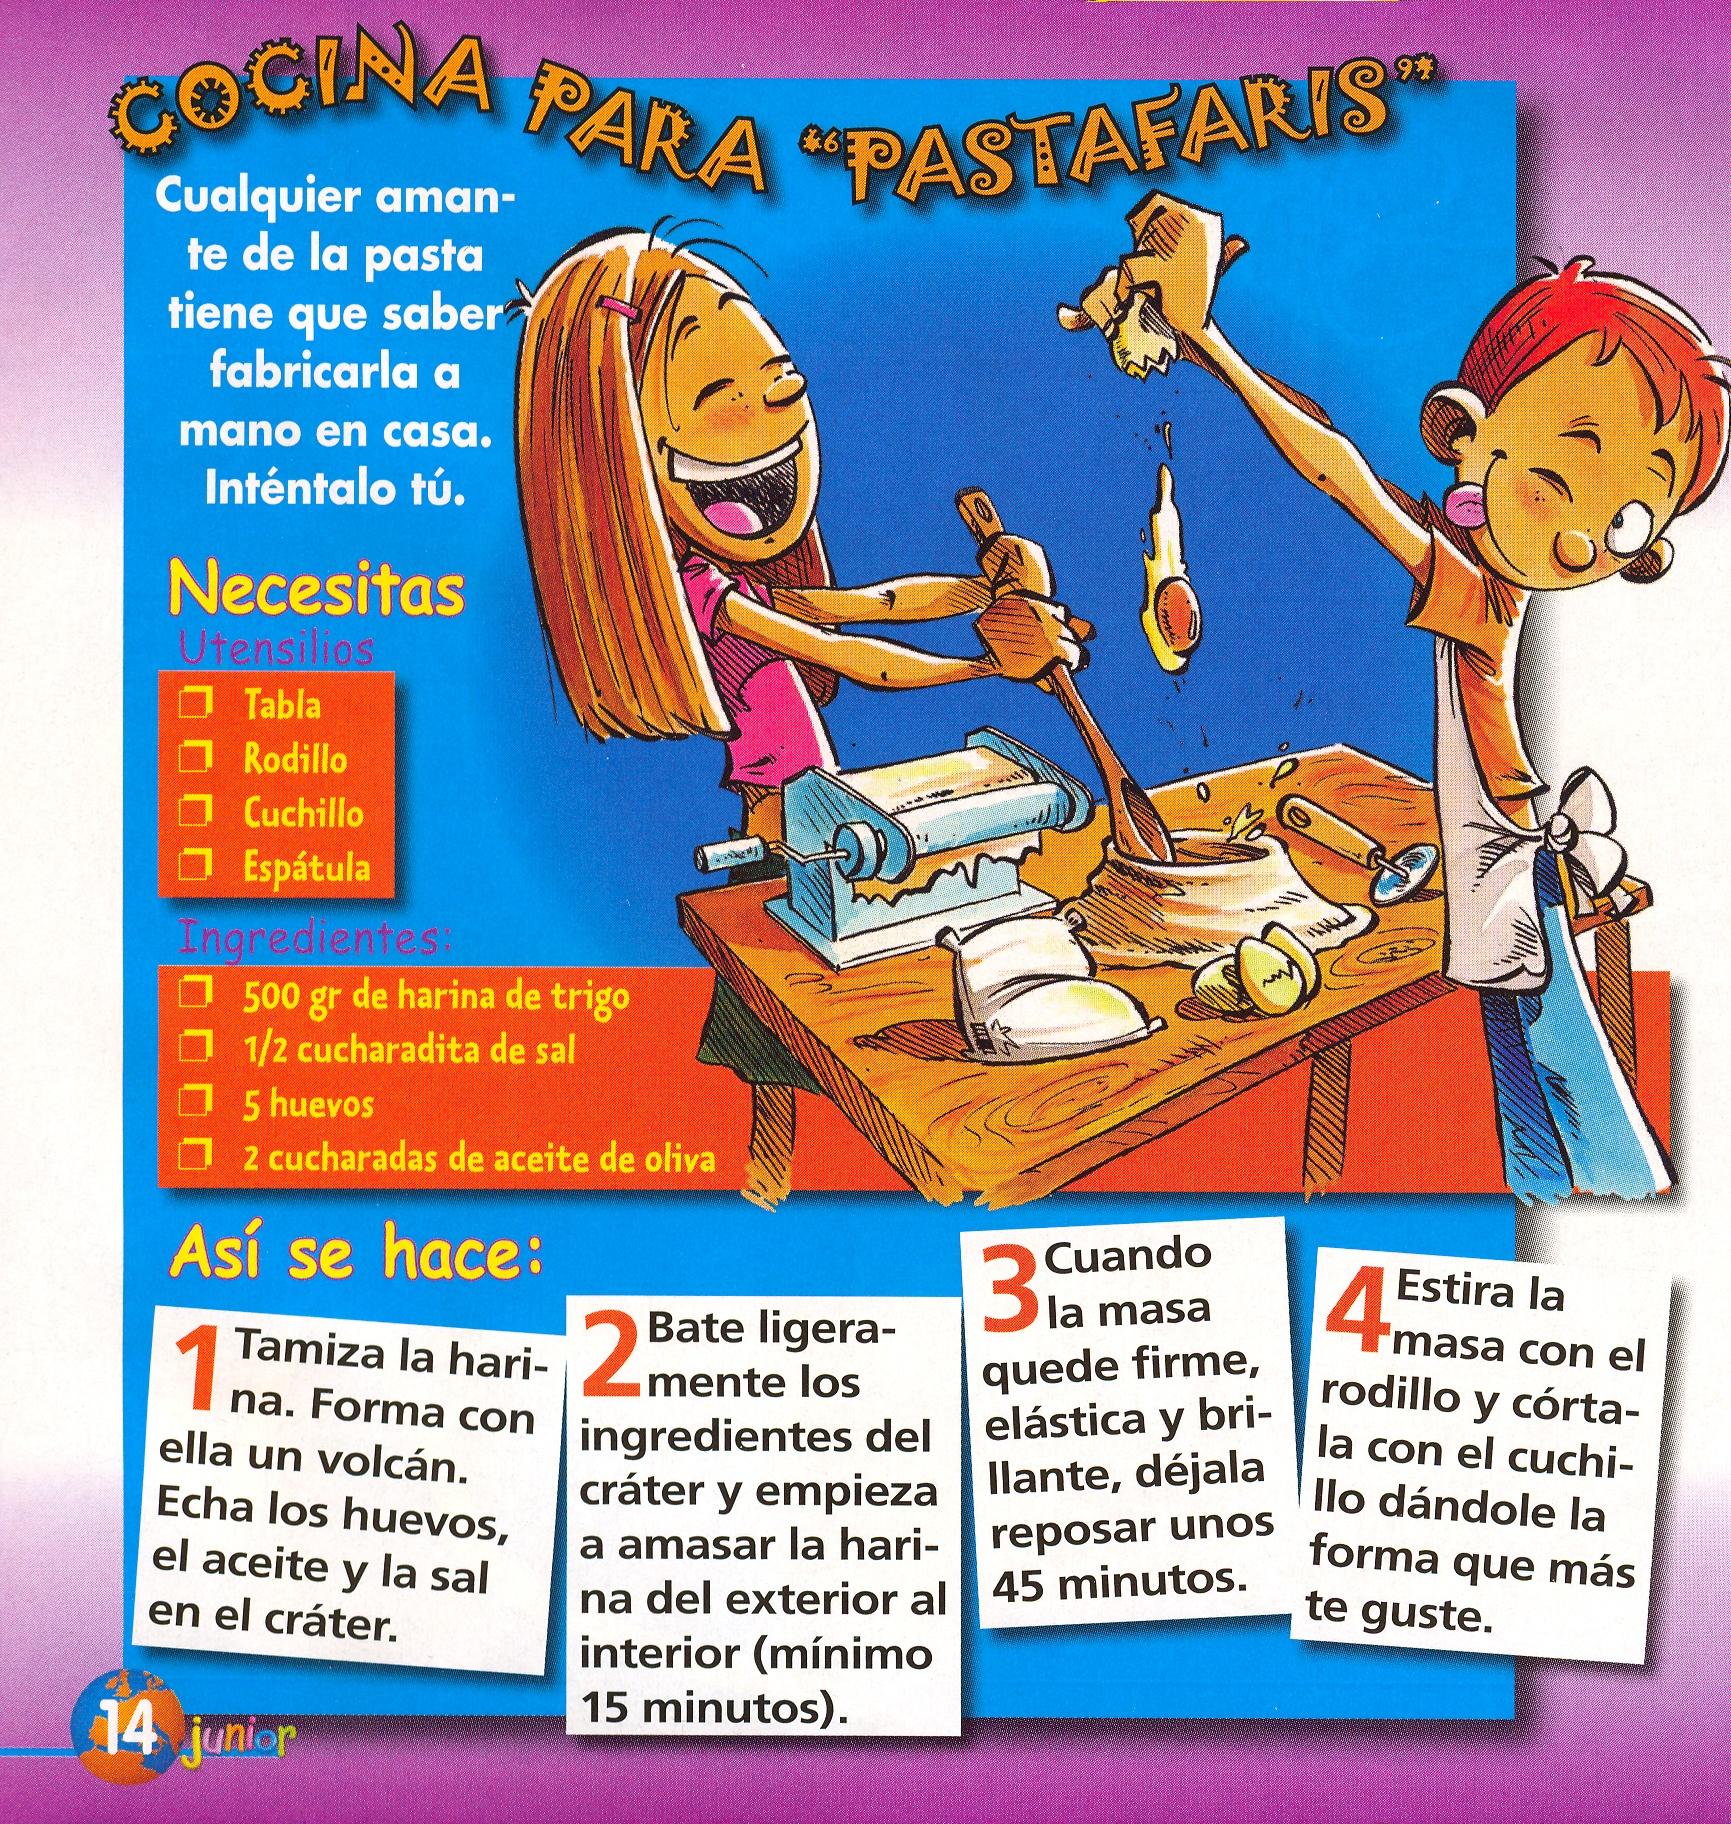 Publicaciones - Gustavo Pinela, ilustrador